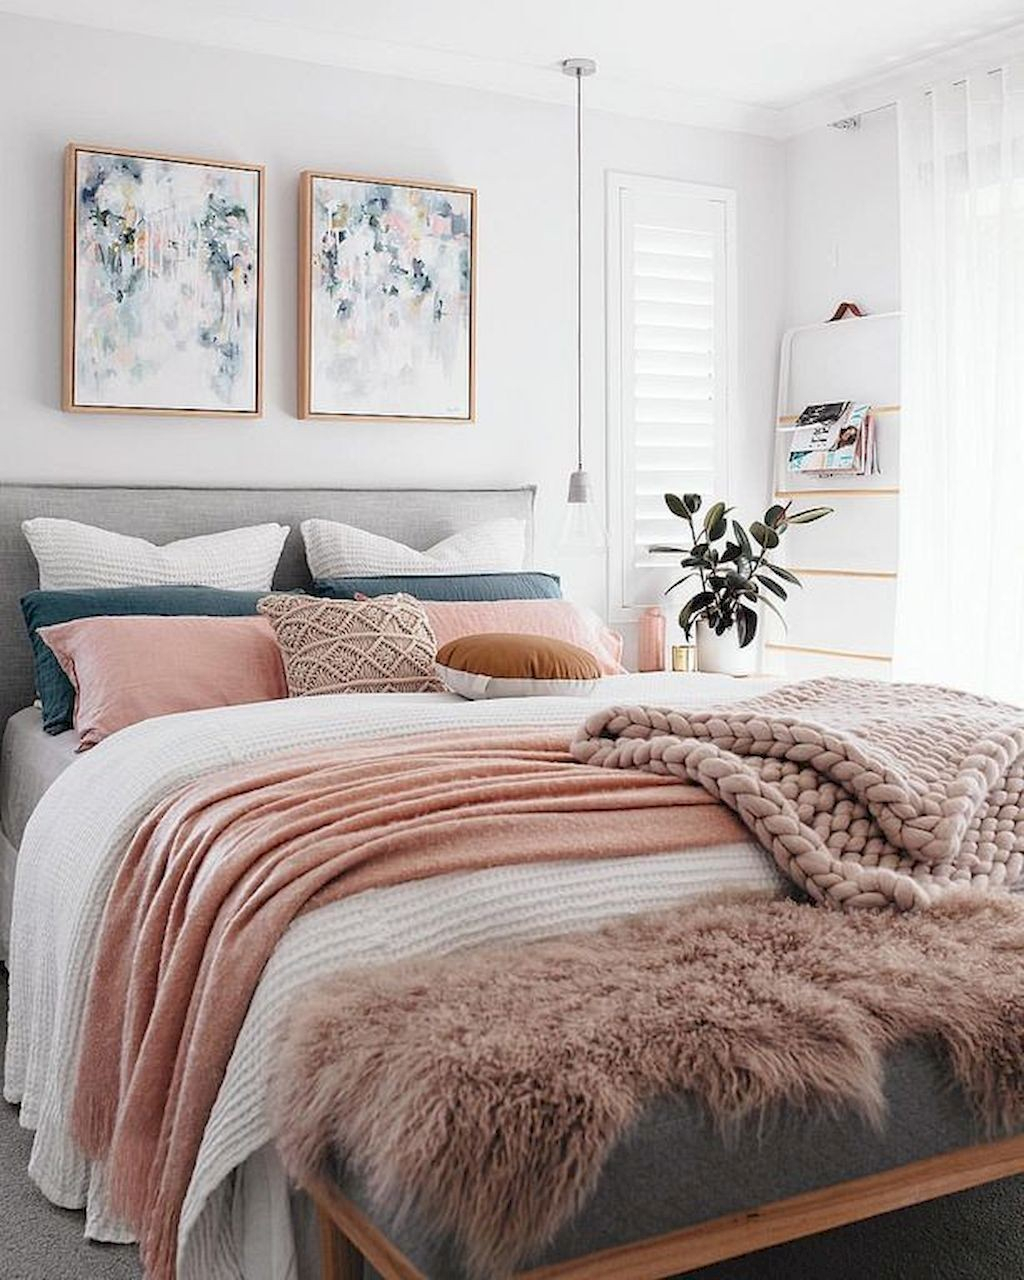 10 Most Popular Small Apartment Bedroom Decorating Ideas apartment bedroom decorating ideas inspirational com 1024x1280 2021